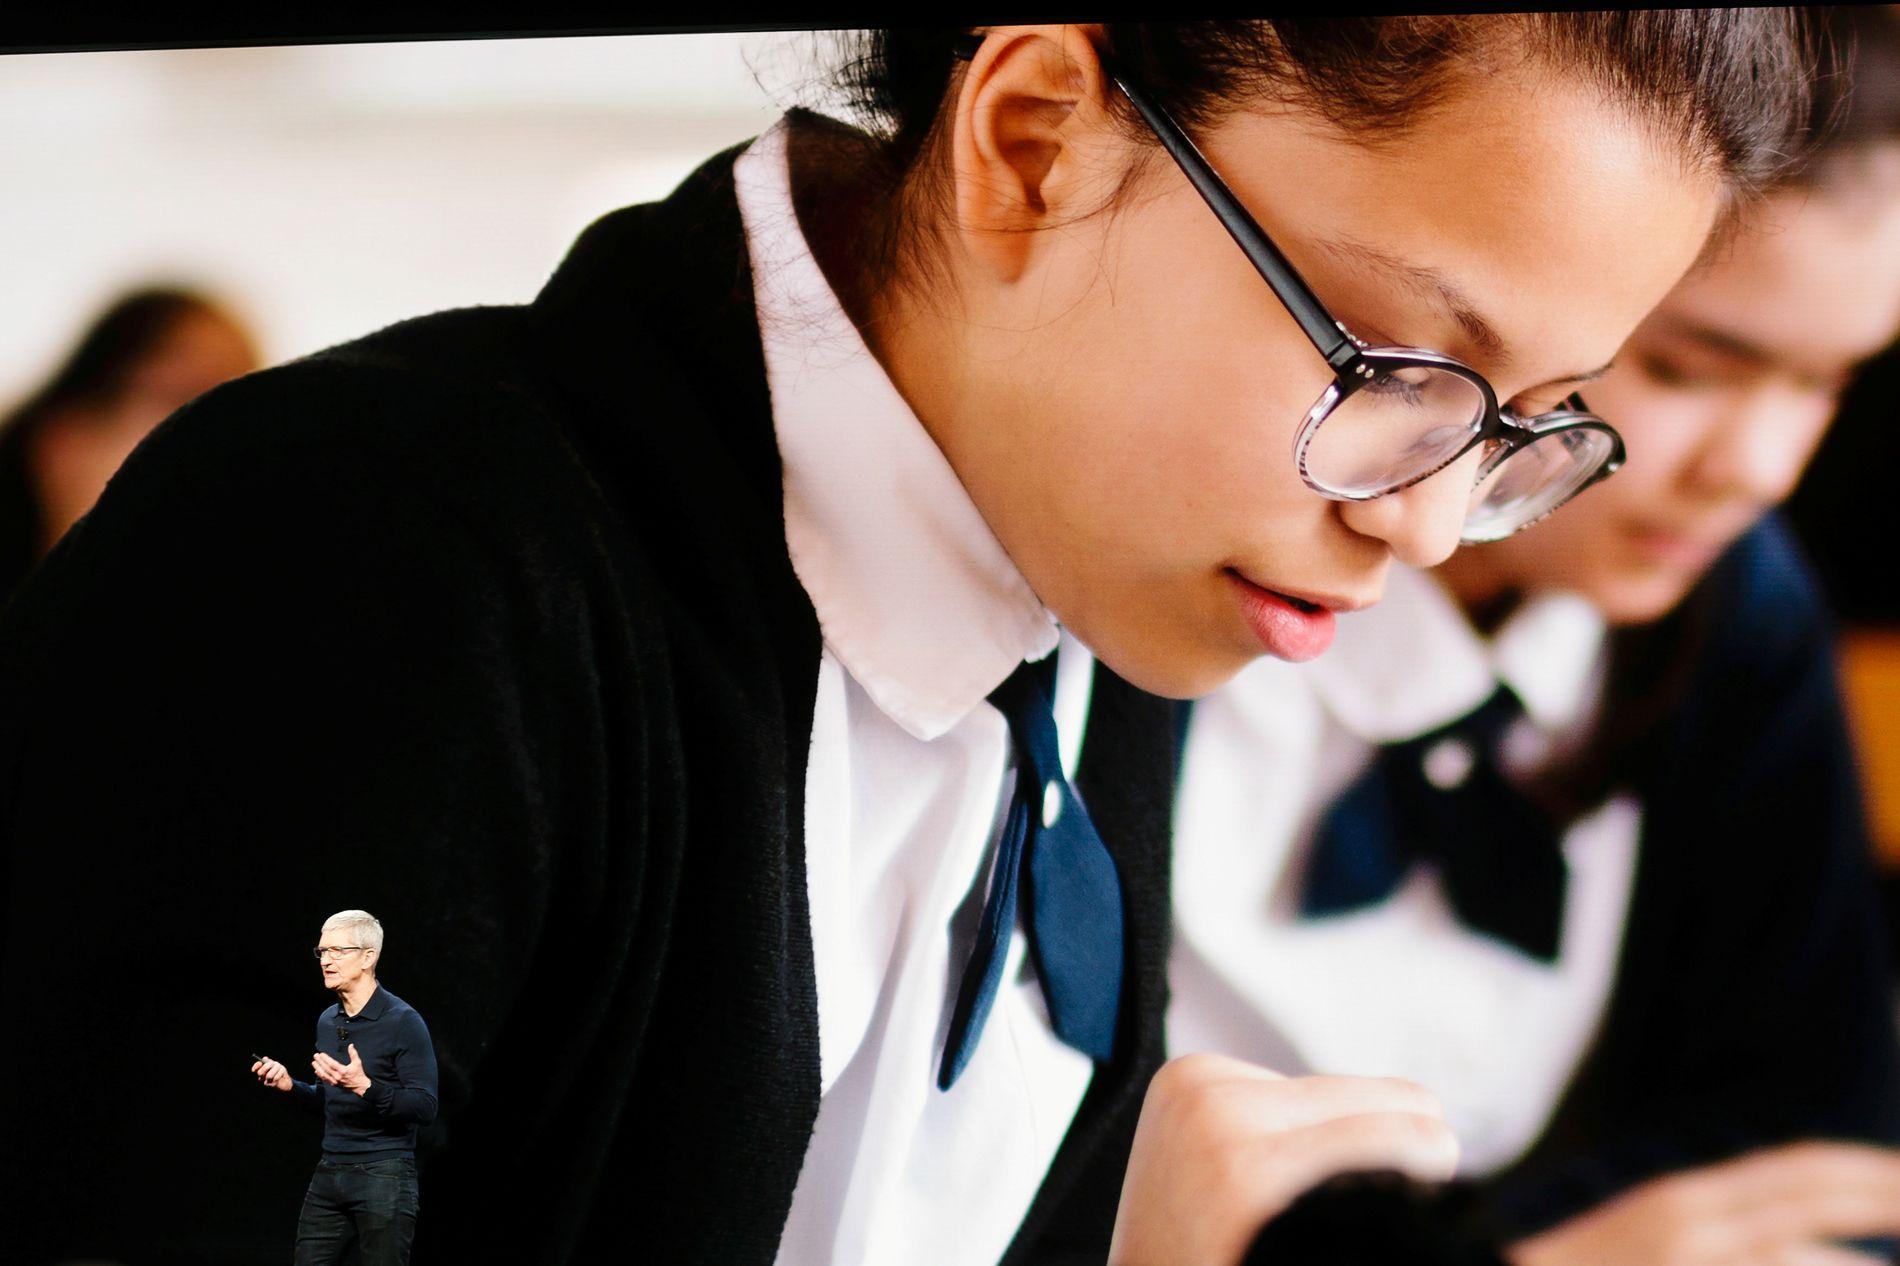 iOS12: Apple-sjef Tom Cook sier at Apple vil hjelpe foreldre med å få bedre kontroll på barnas mobilbruk gjennom en rekke nye funksjoner.